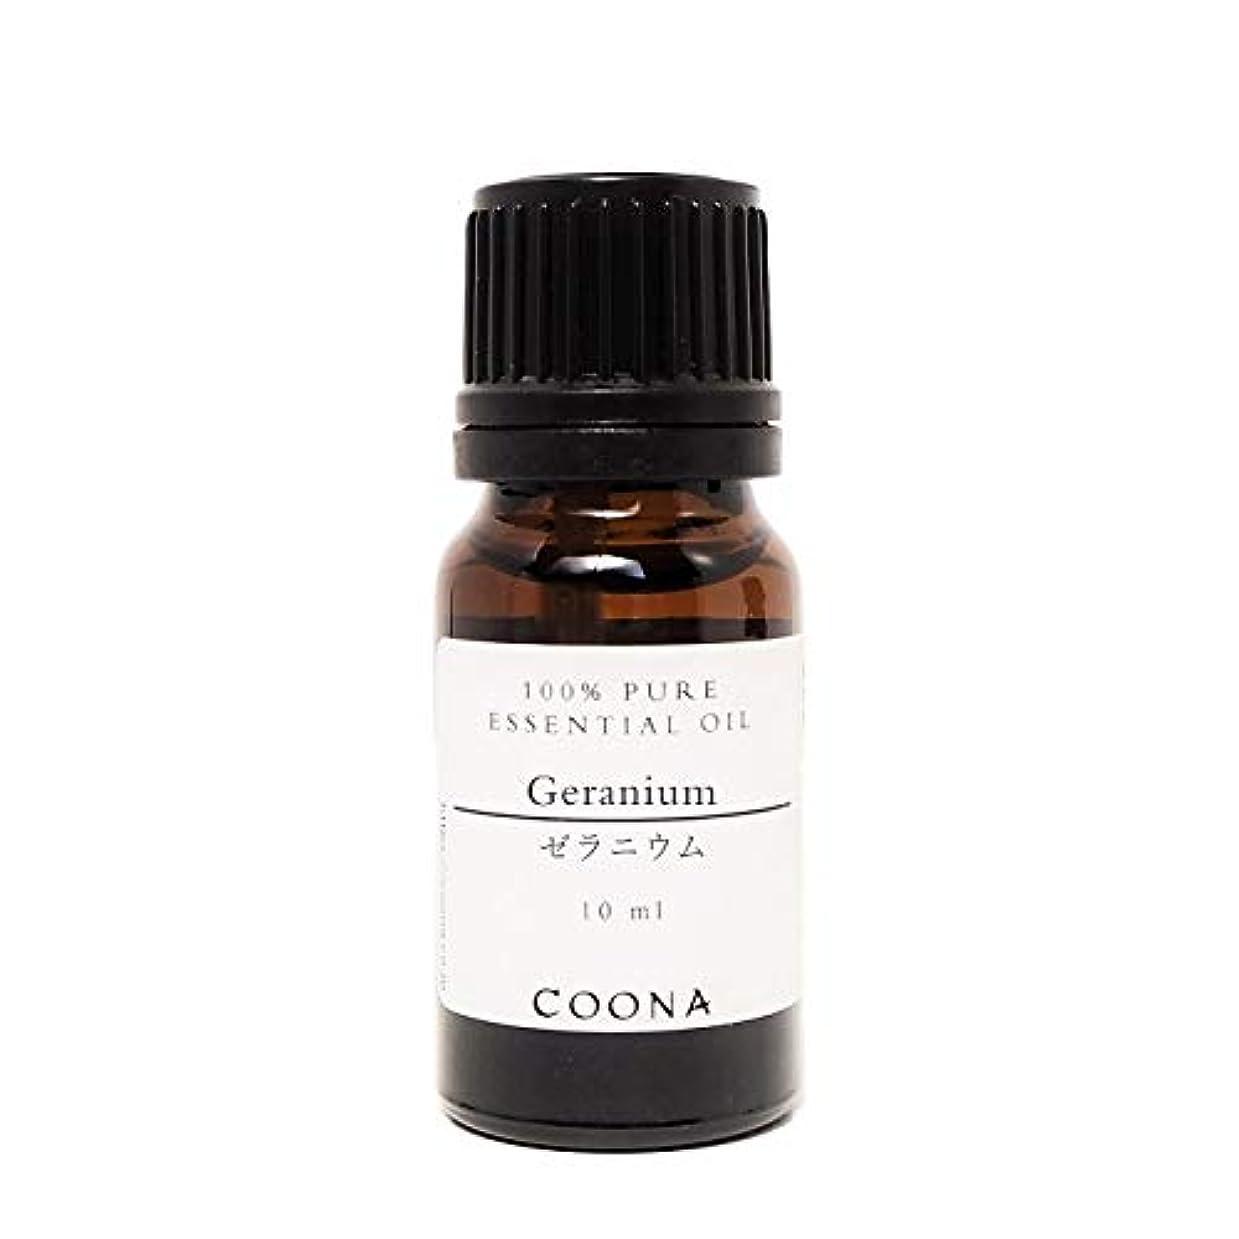 ねばねば方程式正規化ゼラニウム 10 ml (COONA エッセンシャルオイル アロマオイル 100%天然植物精油)